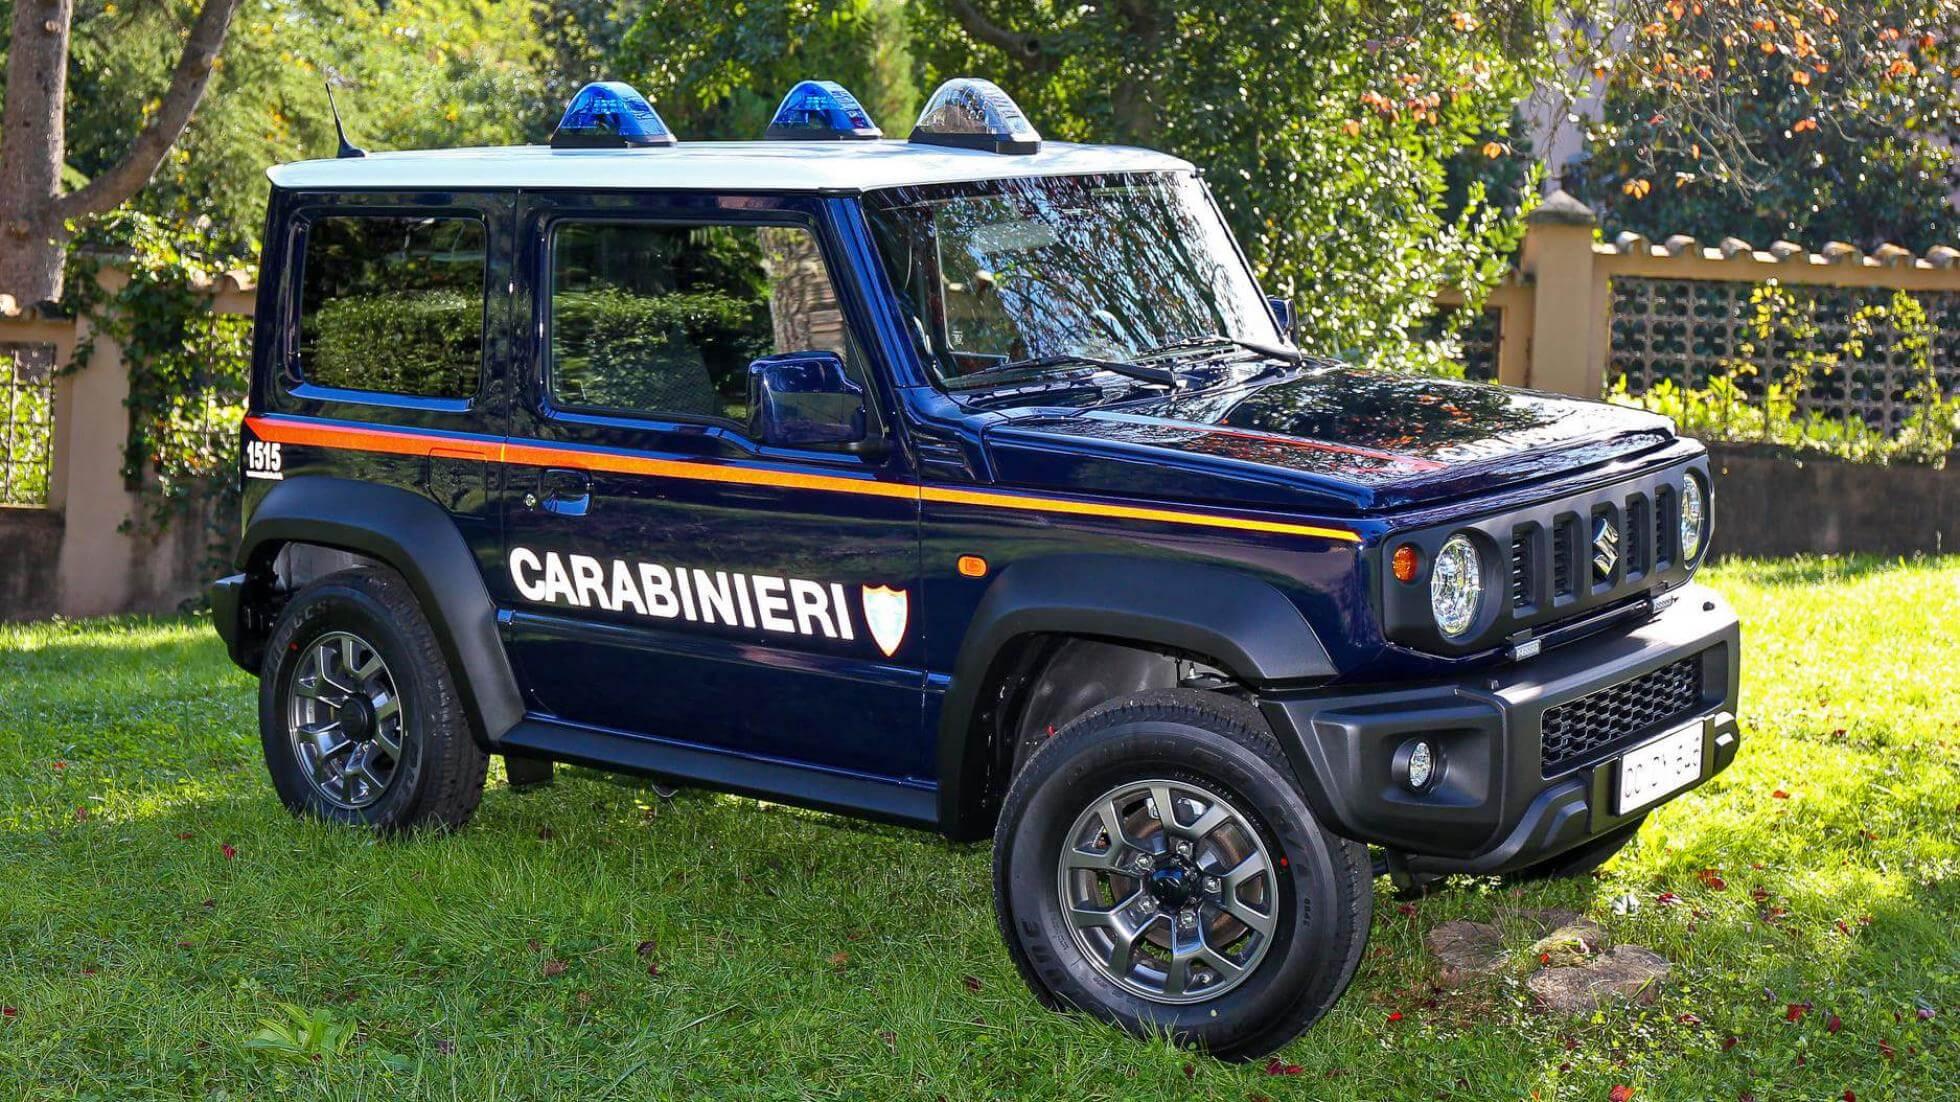 【逮捕しちゃうぞ】スズキジムニー、イタリアでパトカーとして活躍することに!